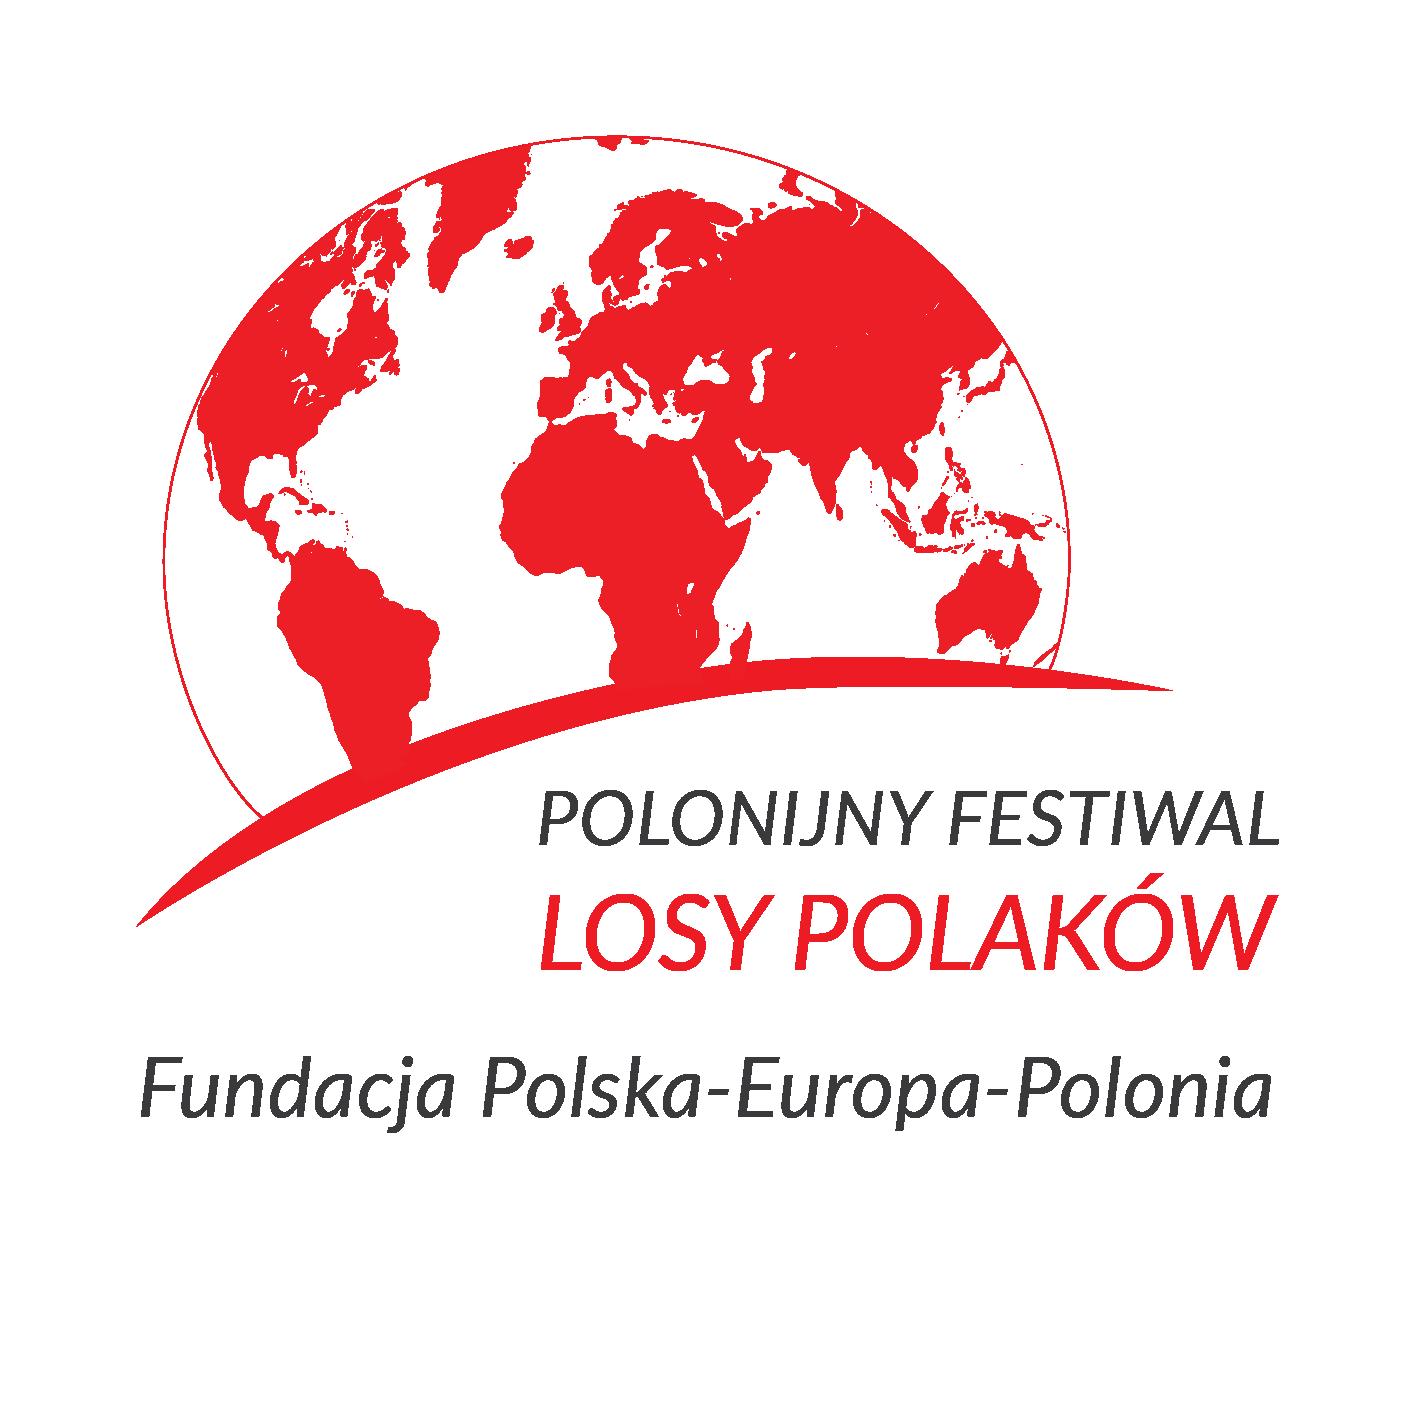 Logo Festiwalu Polonijnego Losy Polakow z bialo-czerwonym rysunkiem kuli ziemskiej i napisaem Festiwal Losy Polakow Fundacja Polska-Europa-PoloniAa i napisem